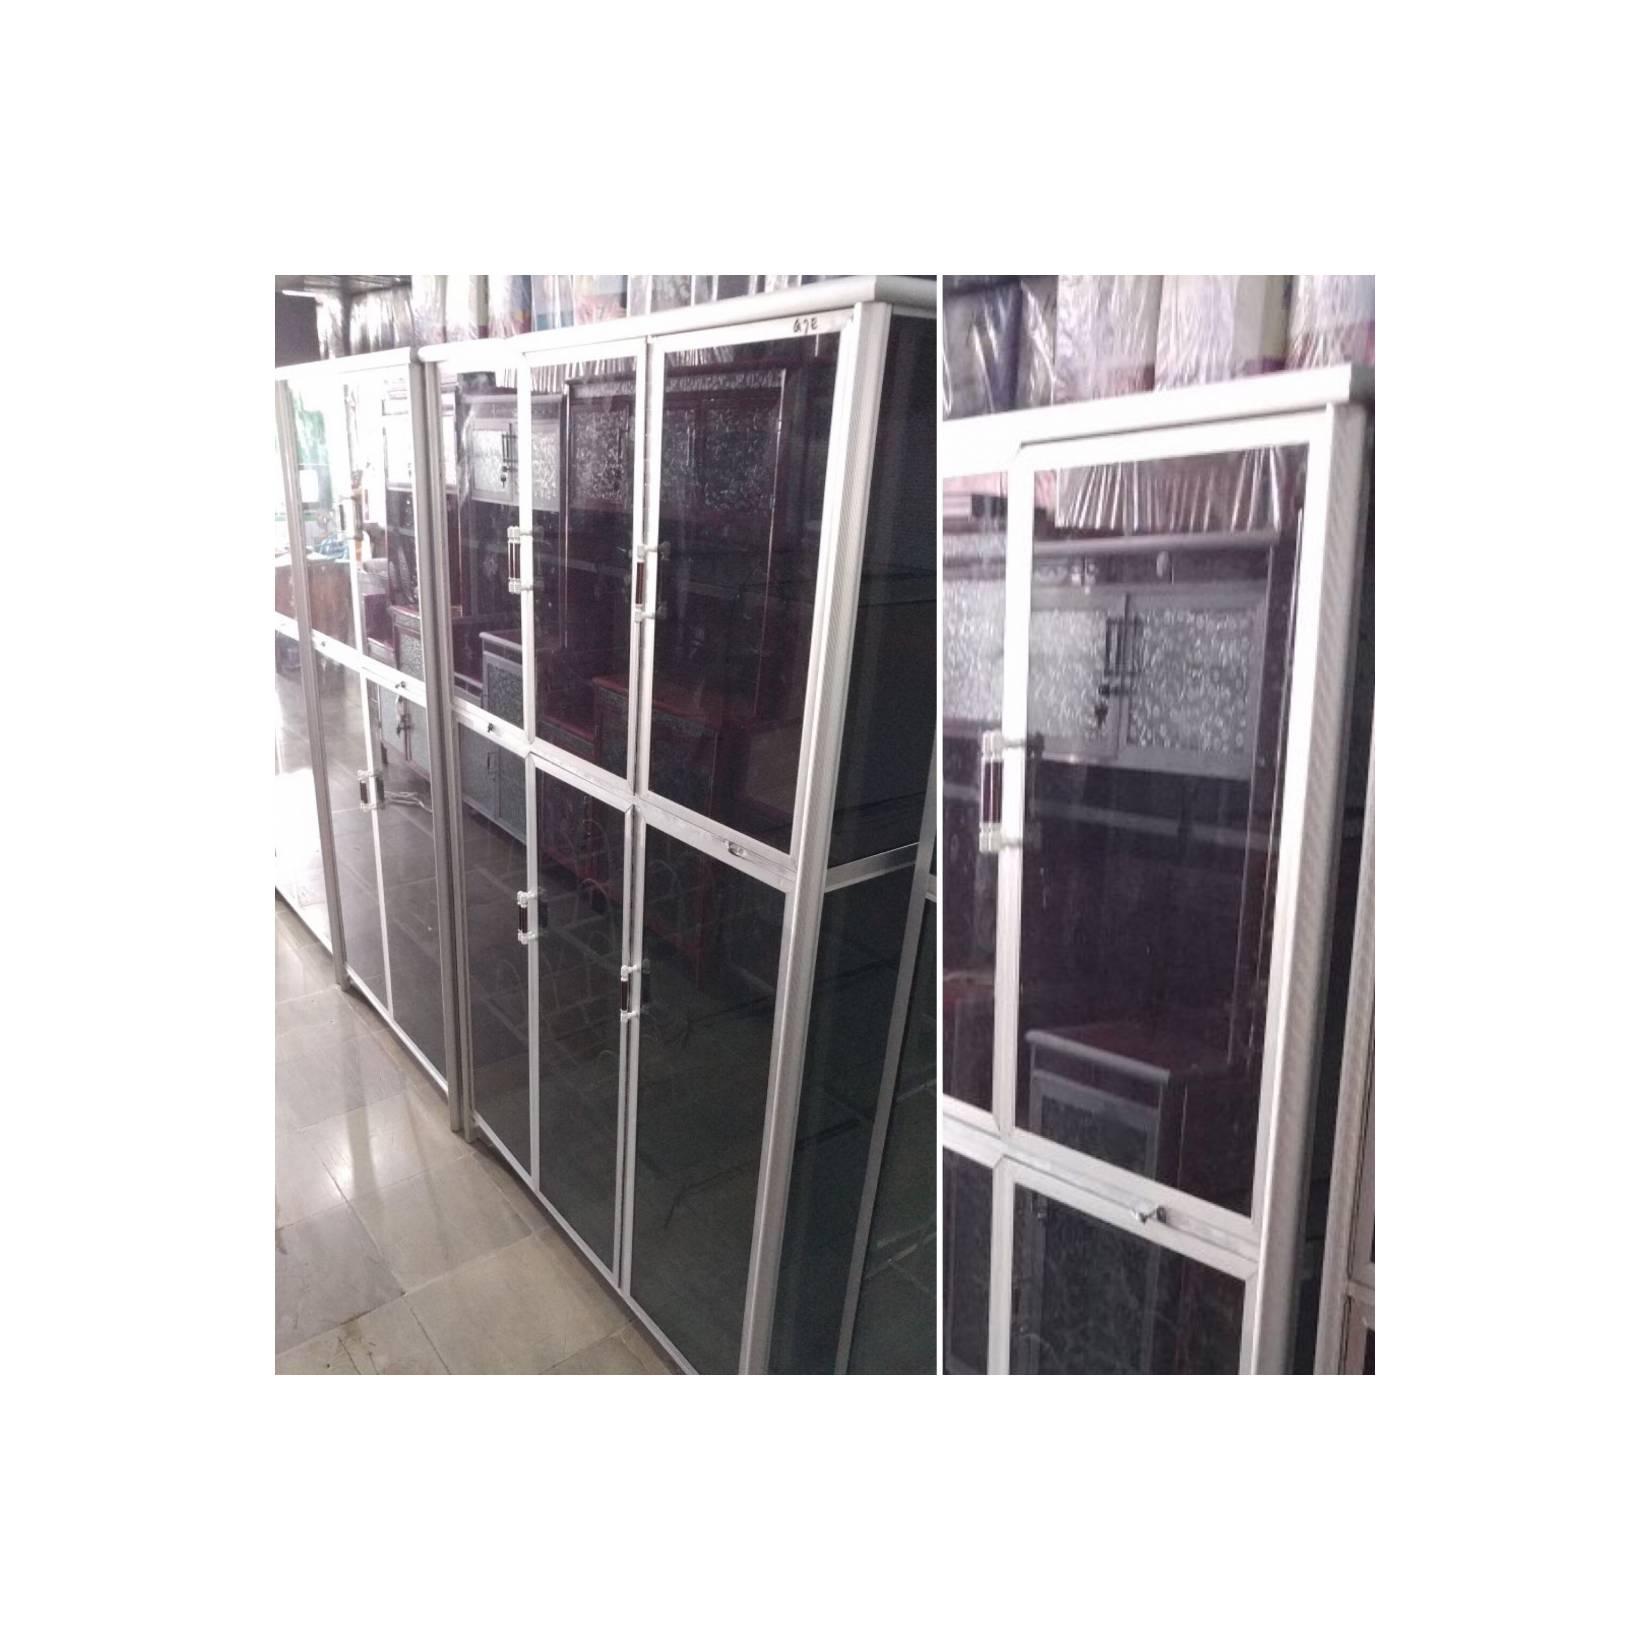 Lemari Dapur Rak Piring Box Kaca 3 Tiga Pintu Alumunium Full Kaca